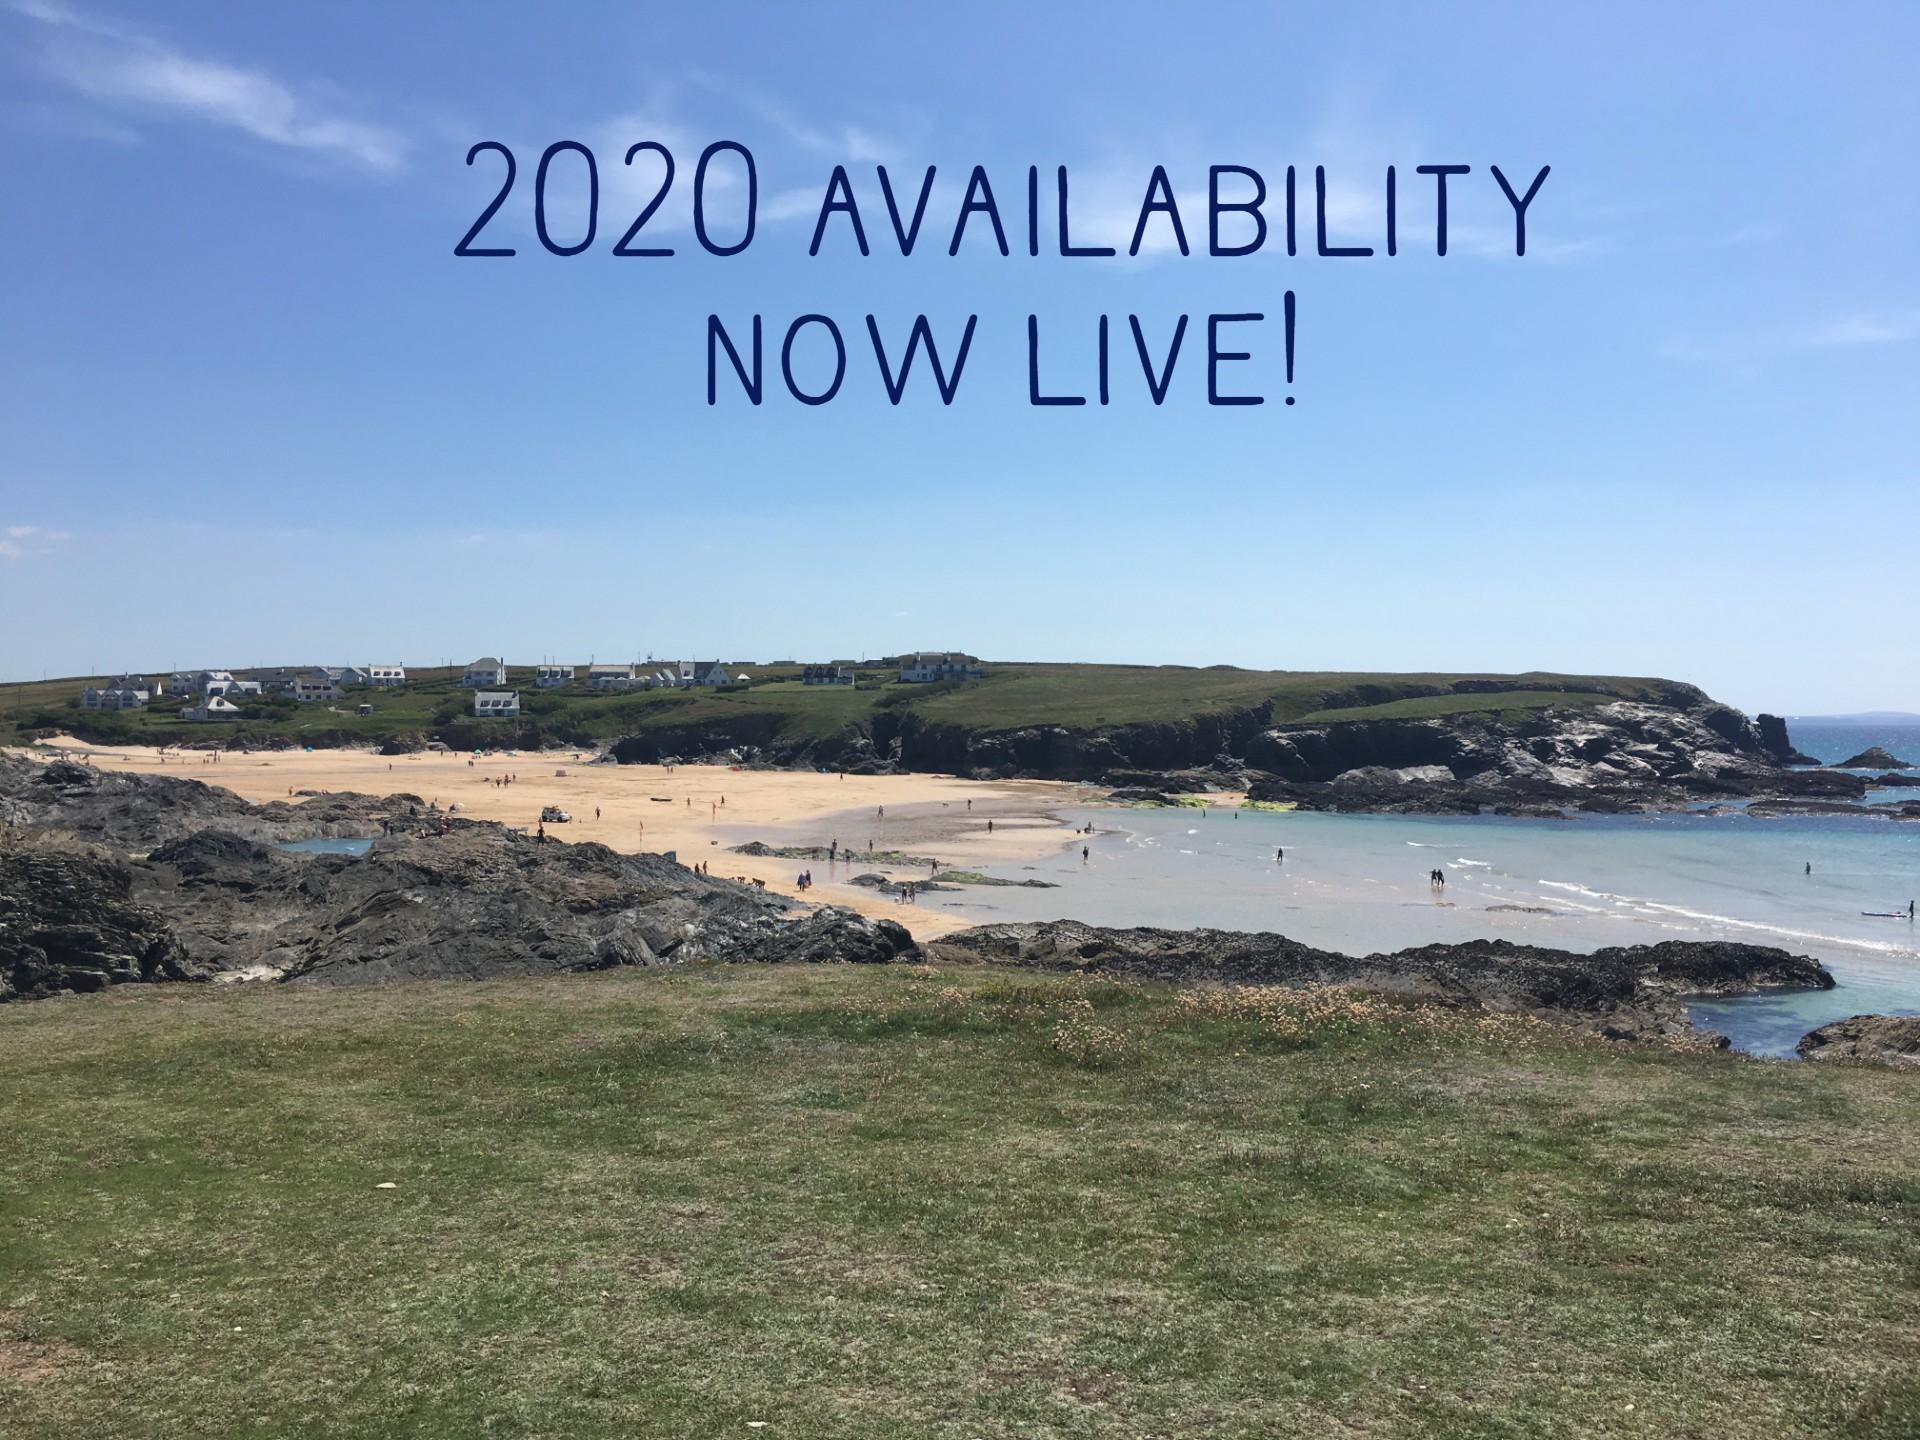 web 2020 availability